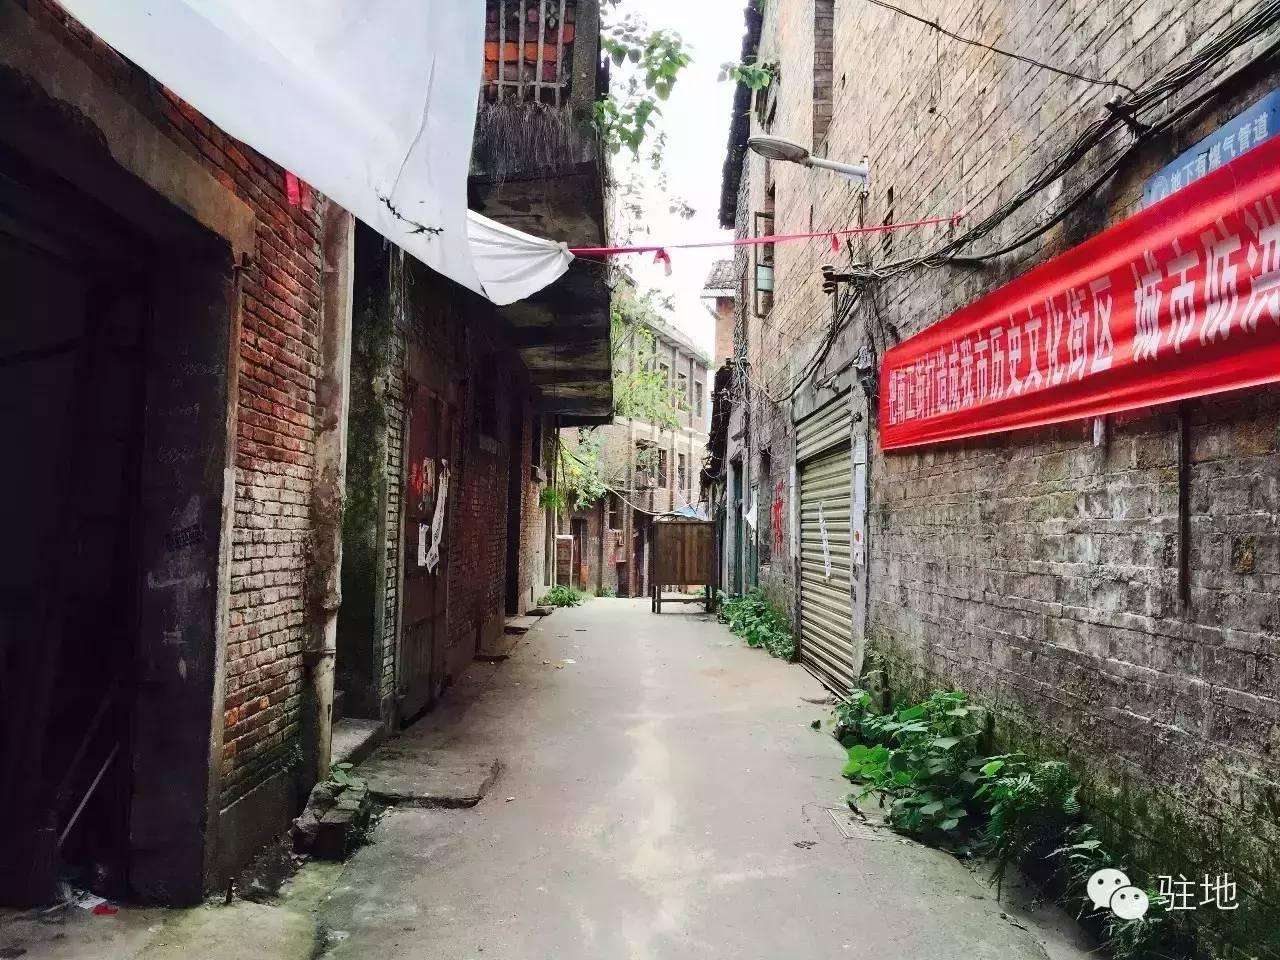 拆迁在即,悠悠南正街勾起萍乡人的记忆一串串……